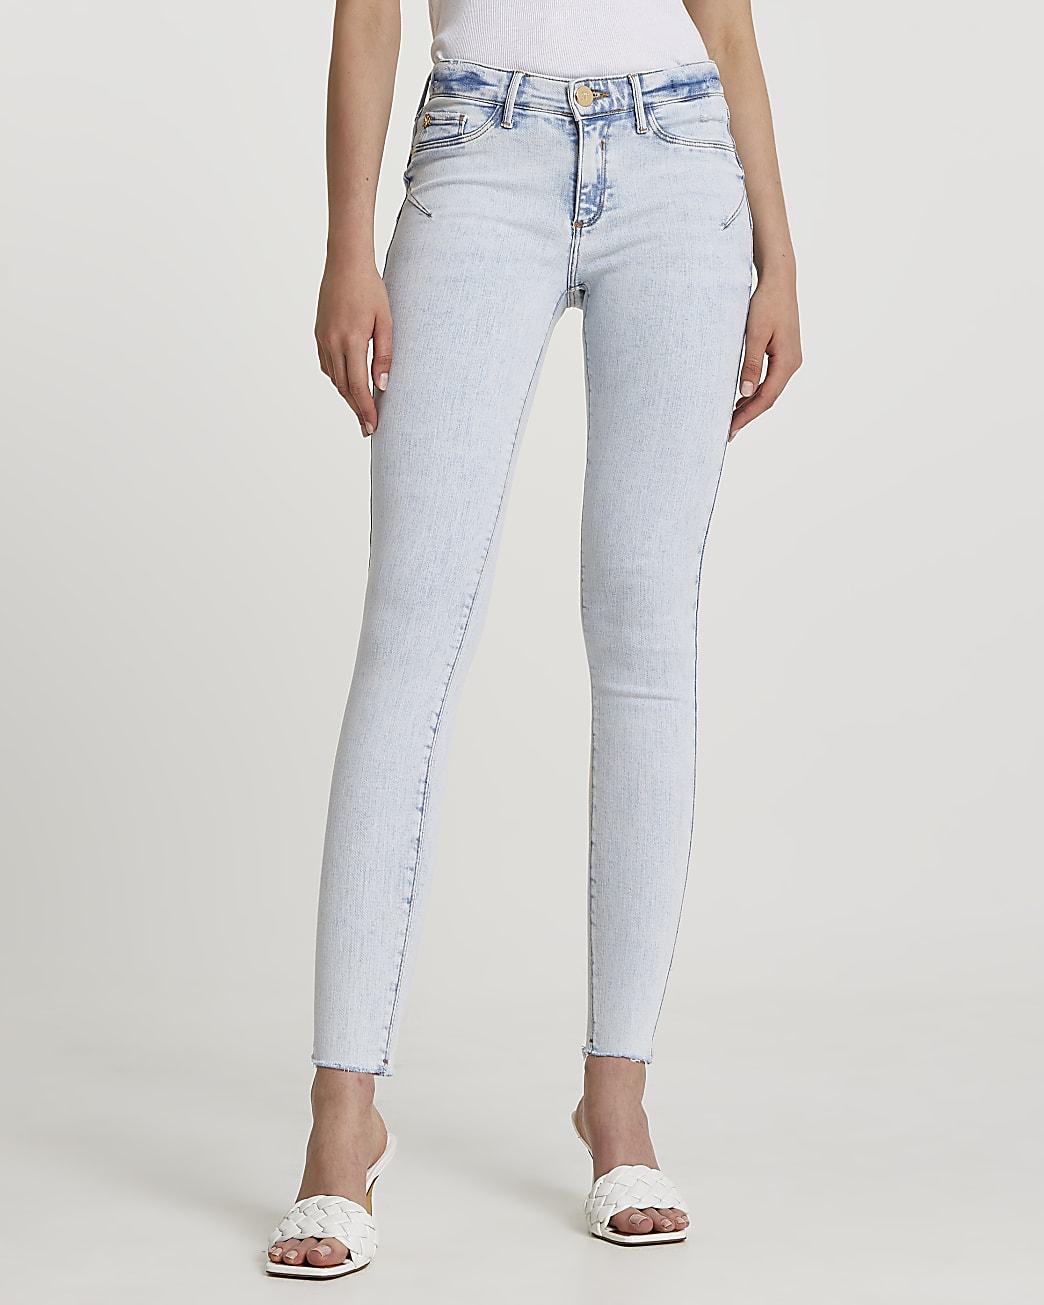 Denim low rise bum sculpt jeans